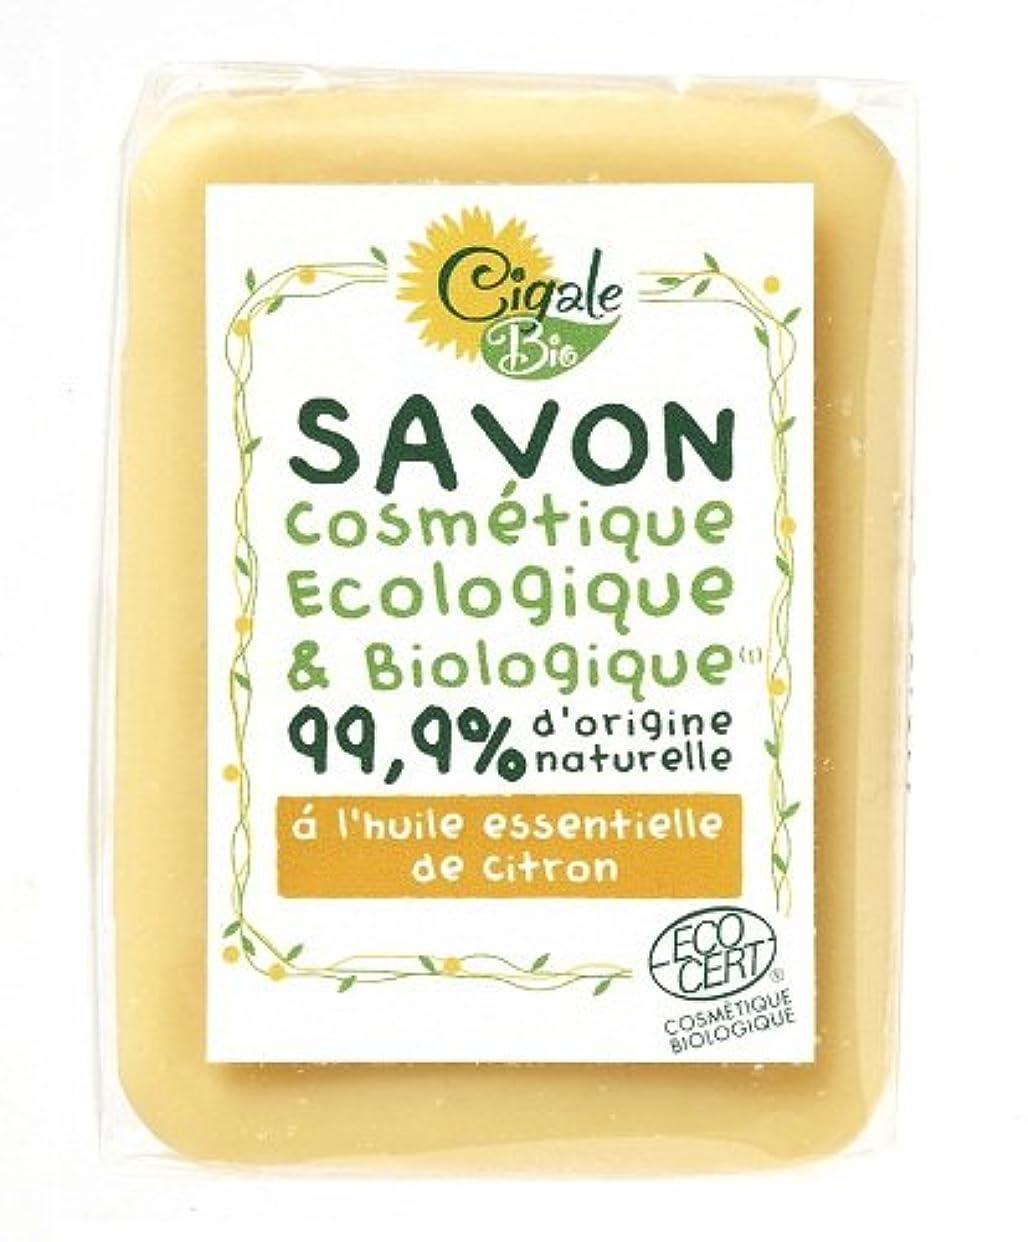 省最終的にかすかなシガールビオ オーガニックソープ レモン